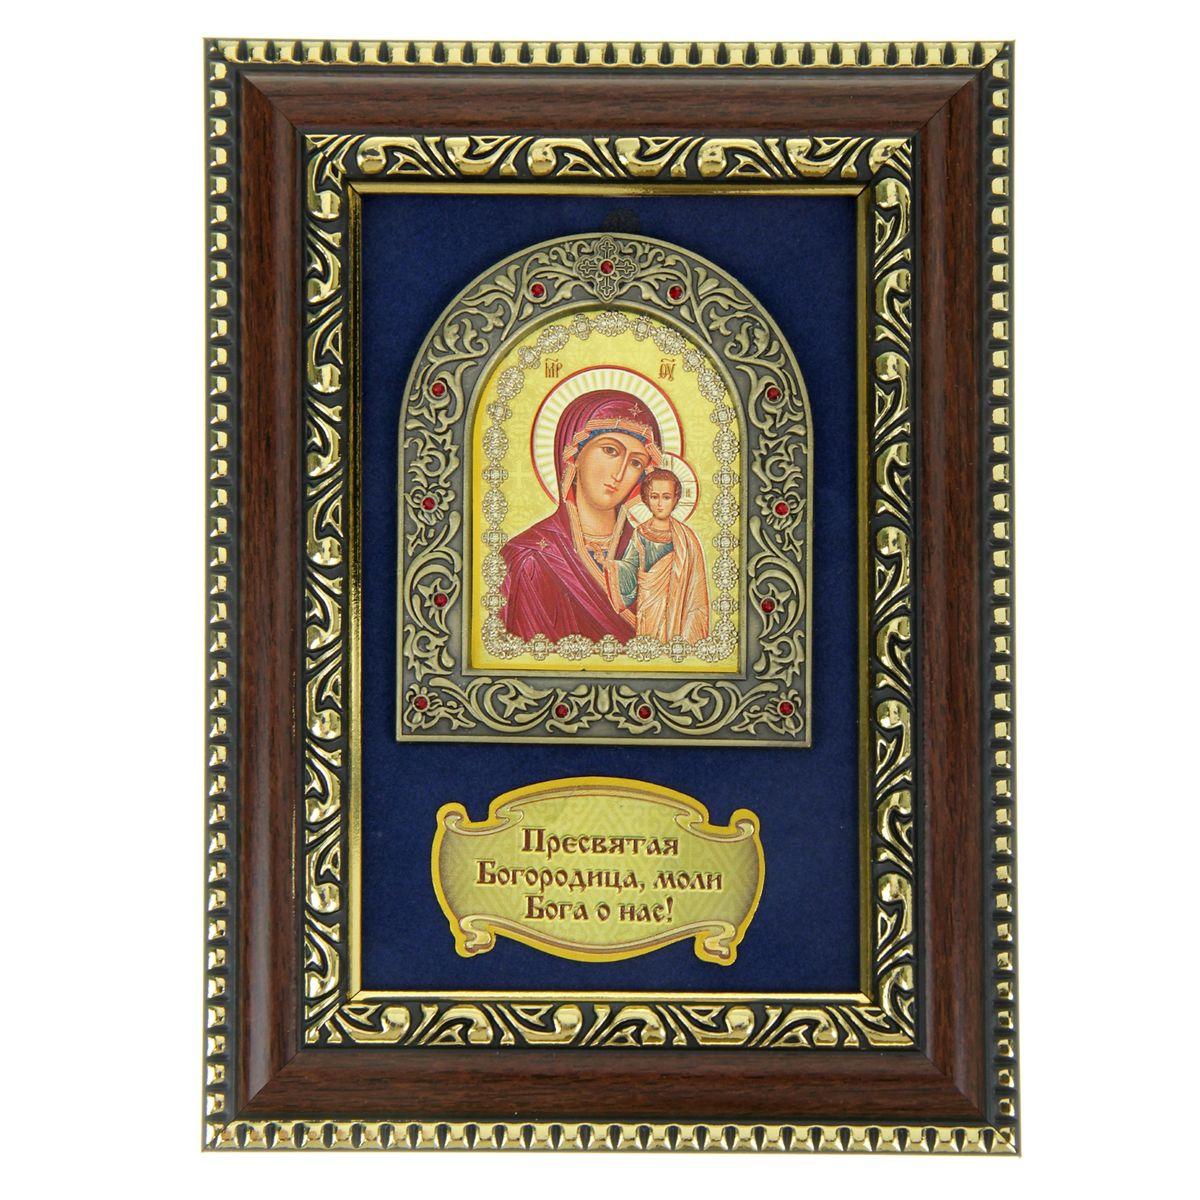 Панно-икона Казанская Божья Матерь, 14,5 х 19,5 см871074Панно-икона Казанская Божья Матерь представляет собой небольшую икону, размещенную на картонной подложке синего цвета. Ниже расположена табличка с молитвой Пресвятая Богородица, моли Бога о нас!. Икона обрамлена в металлическую рамку, украшенную изысканным рельефом и инкрустированную мелкими красными стразами. Рамка для панно с золотистым узорным рельефом выполнена из дерева. Панно можно подвесить на стену или поставить на стол, для чего с задней стороны предусмотрена специальная ножка. Любое помещение выглядит незавершенным без правильно расположенных предметов интерьера. Они помогают создать уют, расставить акценты, подчеркнуть достоинства или скрыть недостатки. Не бывает незначительных деталей. Из мелочей складывается образ человека и стиль интерьера. Панно-икона Казанская Божья Матерь - одна из тех деталей, которые придают дому обжитой вид и создают ощущение уюта.